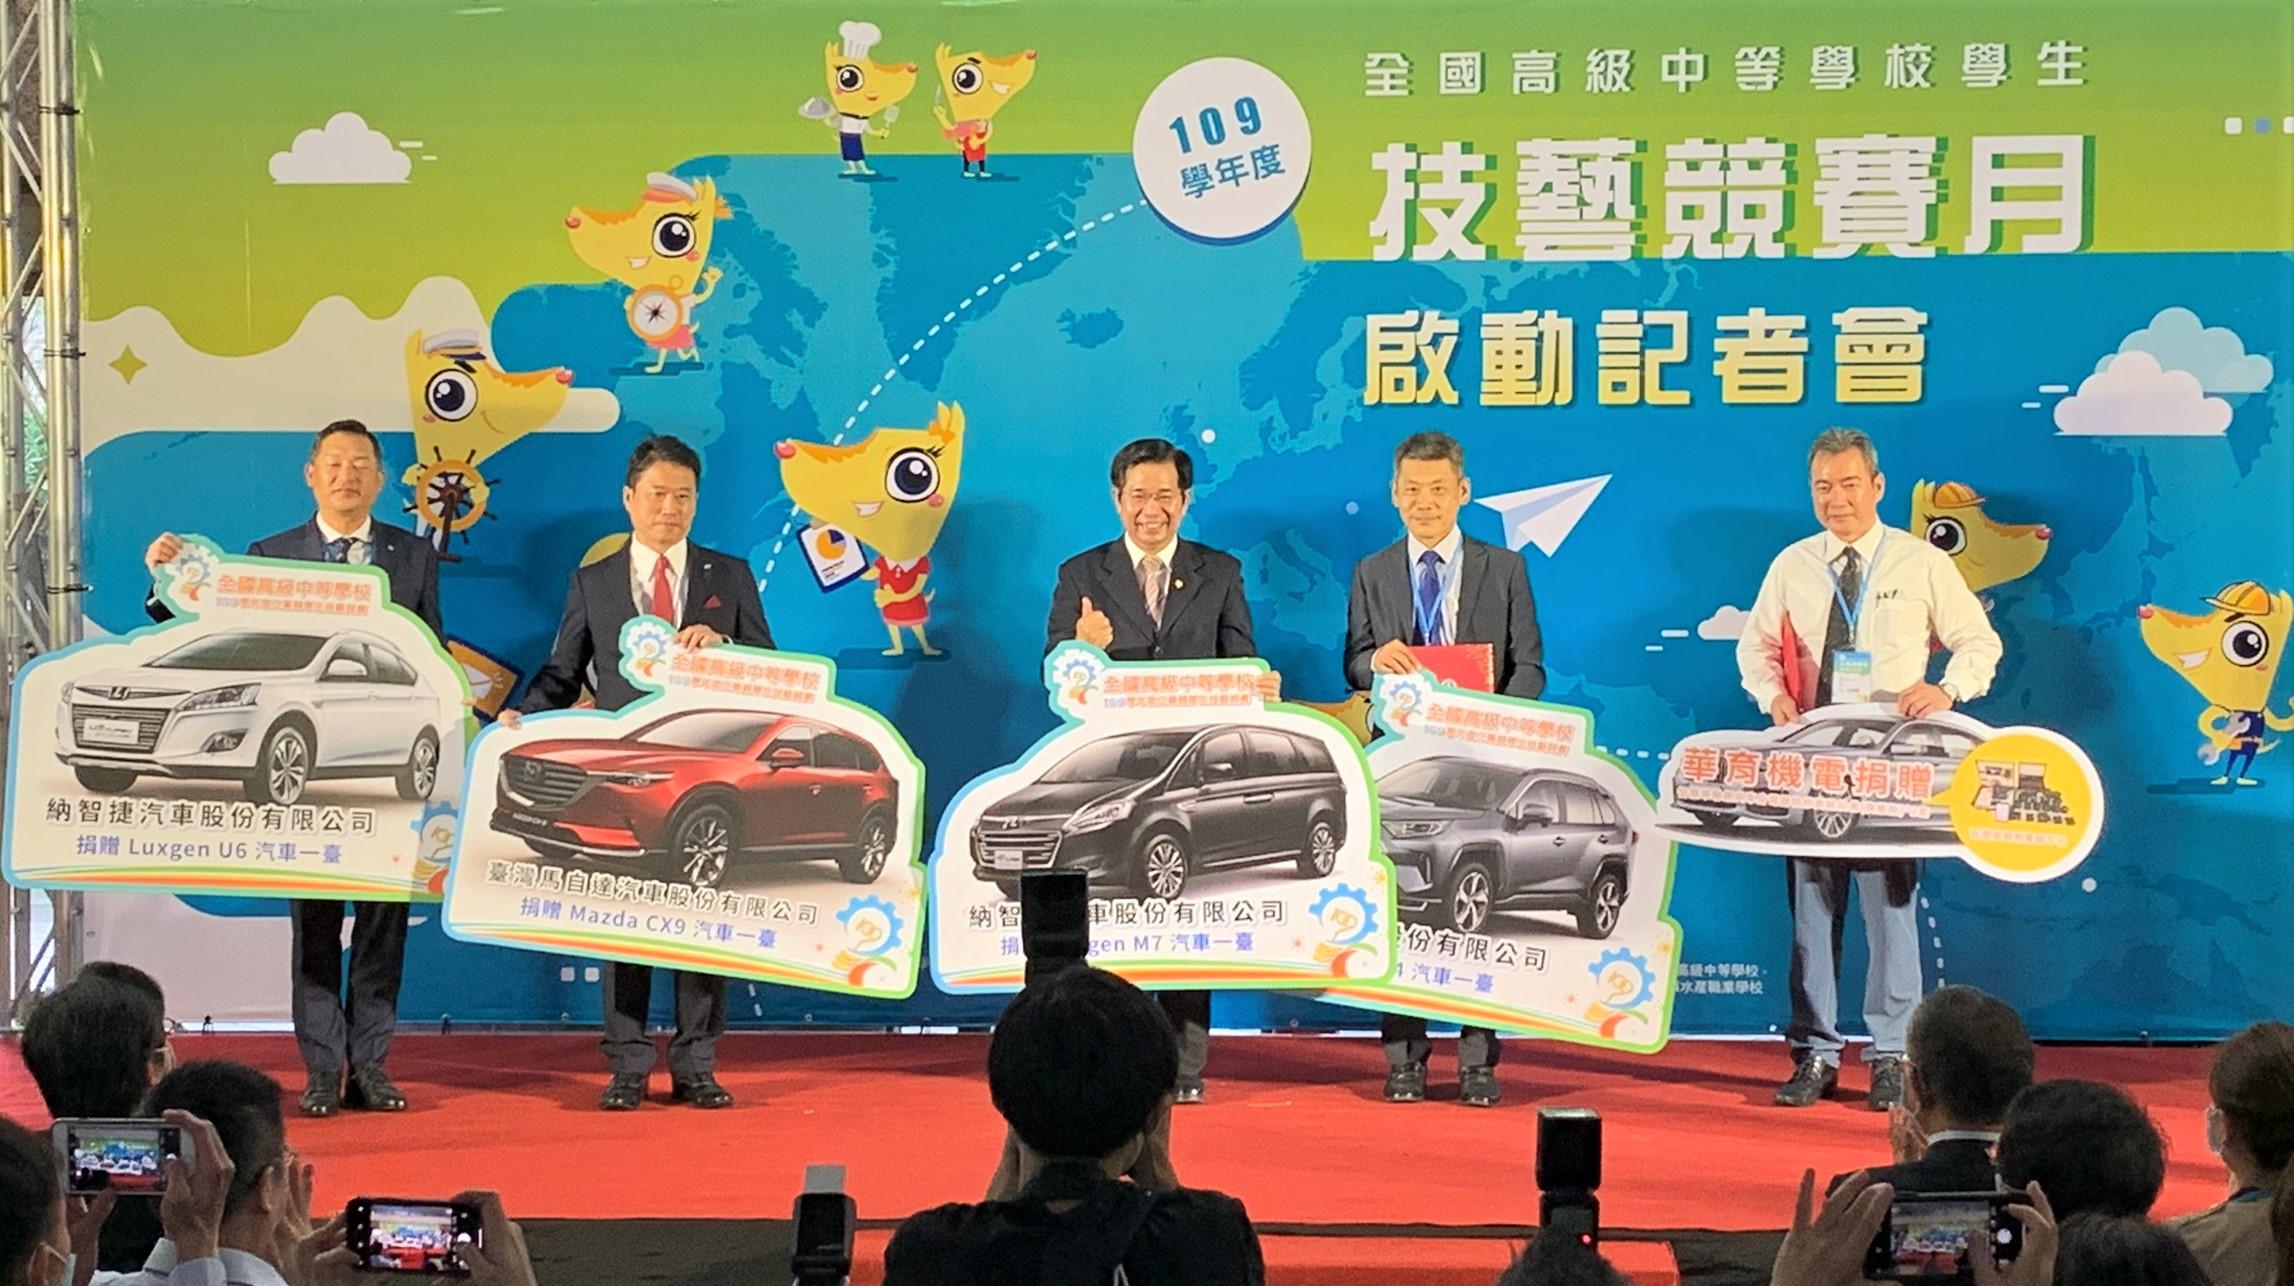 支持技職教育,Luxgen、Mazda 捐贈車款予學生技藝競賽